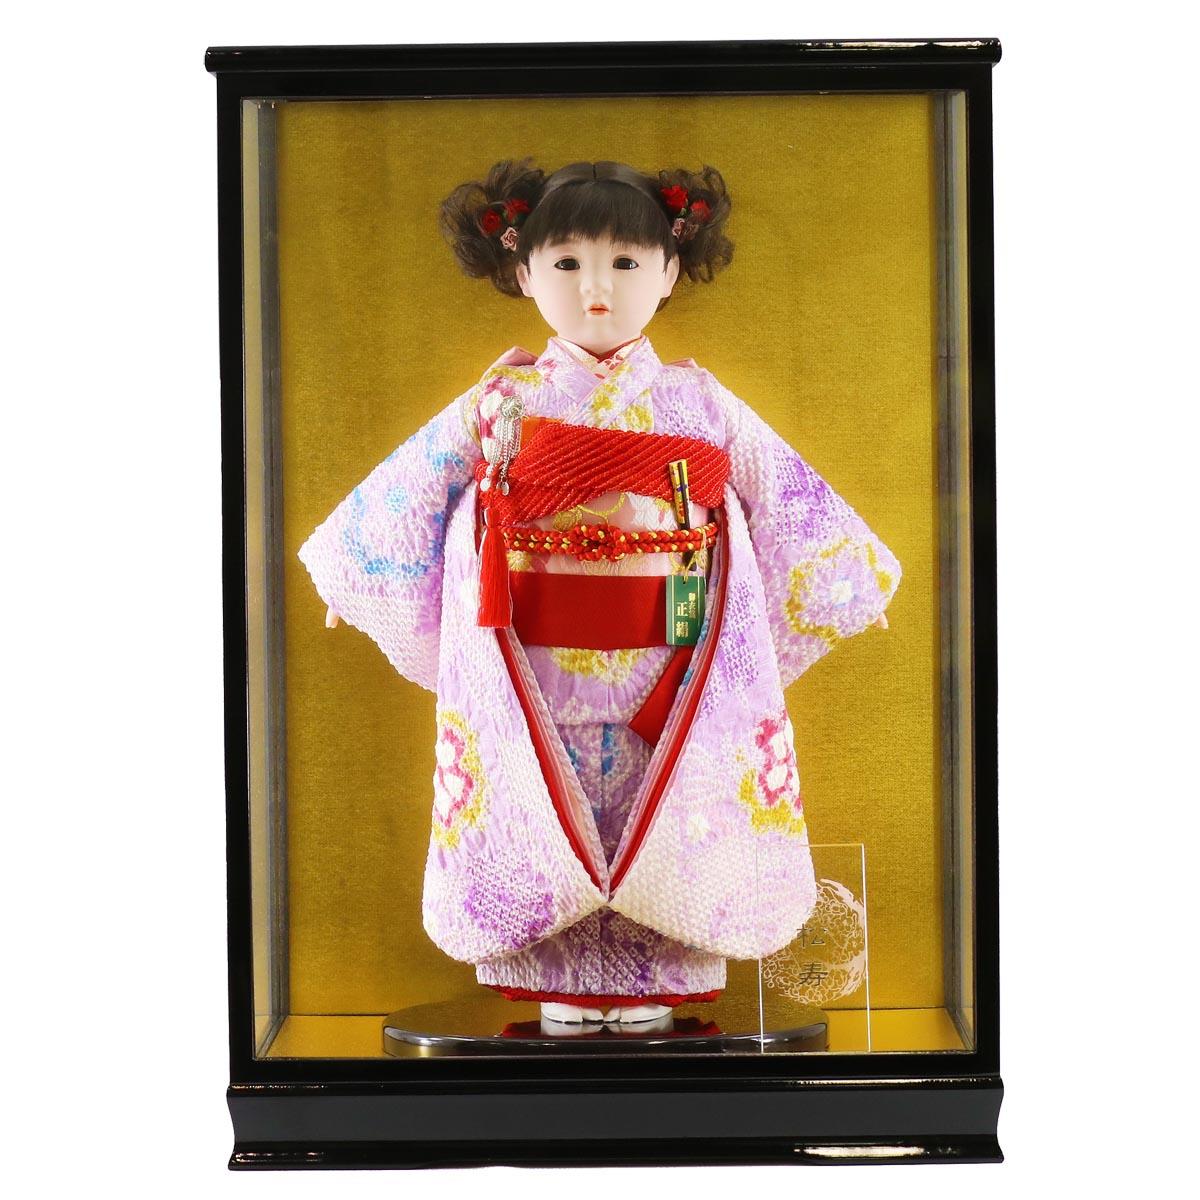 雛人形 松寿 コンパクト 市松人形 松寿作 市松人形 正絹変わり絞り 紫花 ケース入り (HB9) 市松 ICMY-BA28045-05-C (HB9)ひな人形 かわいい おしゃれ インテリア ひな人形 小さい ミニ